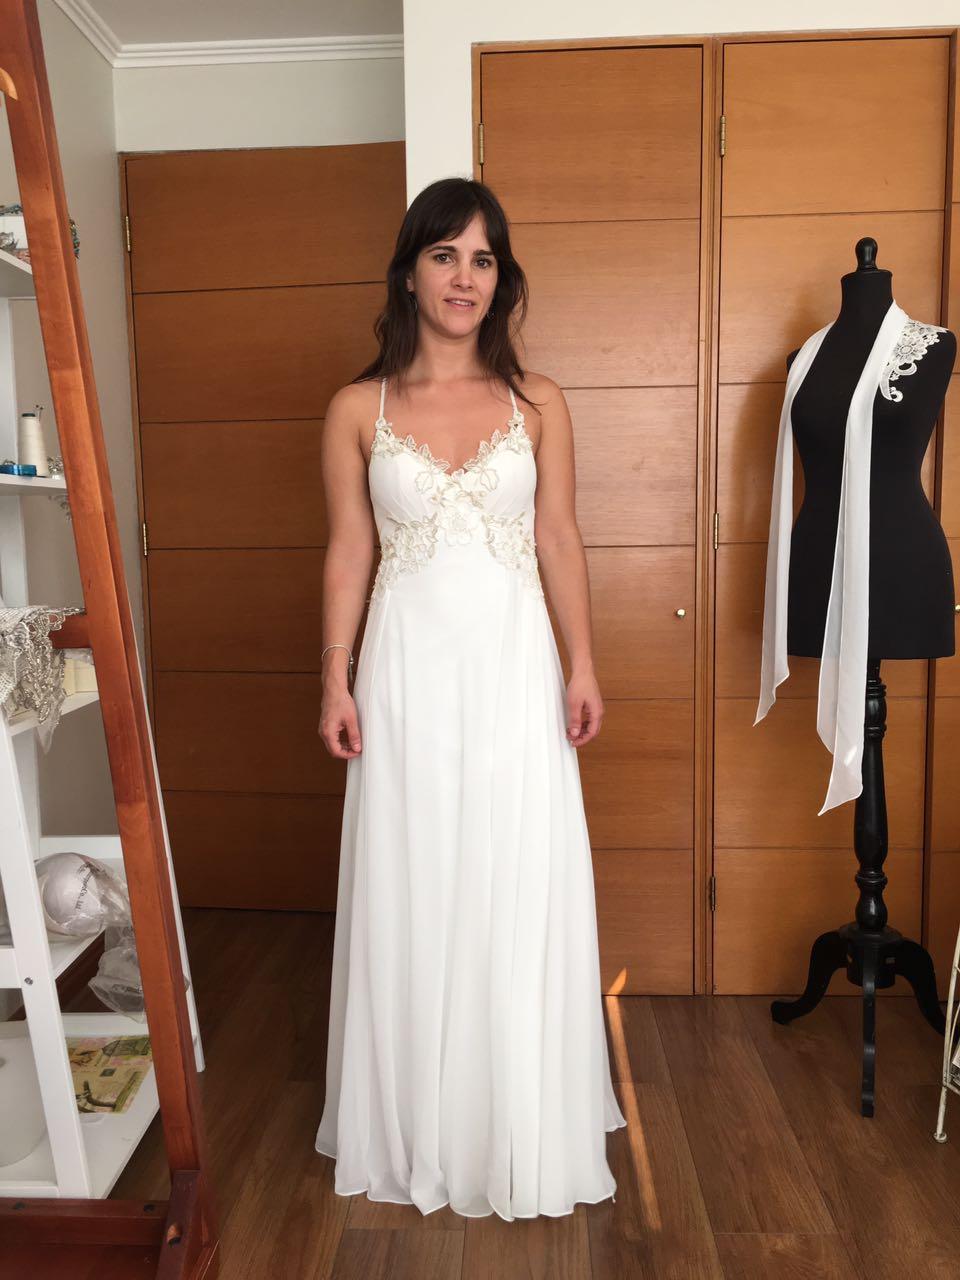 Vendo vestido de novia usado santiago chile